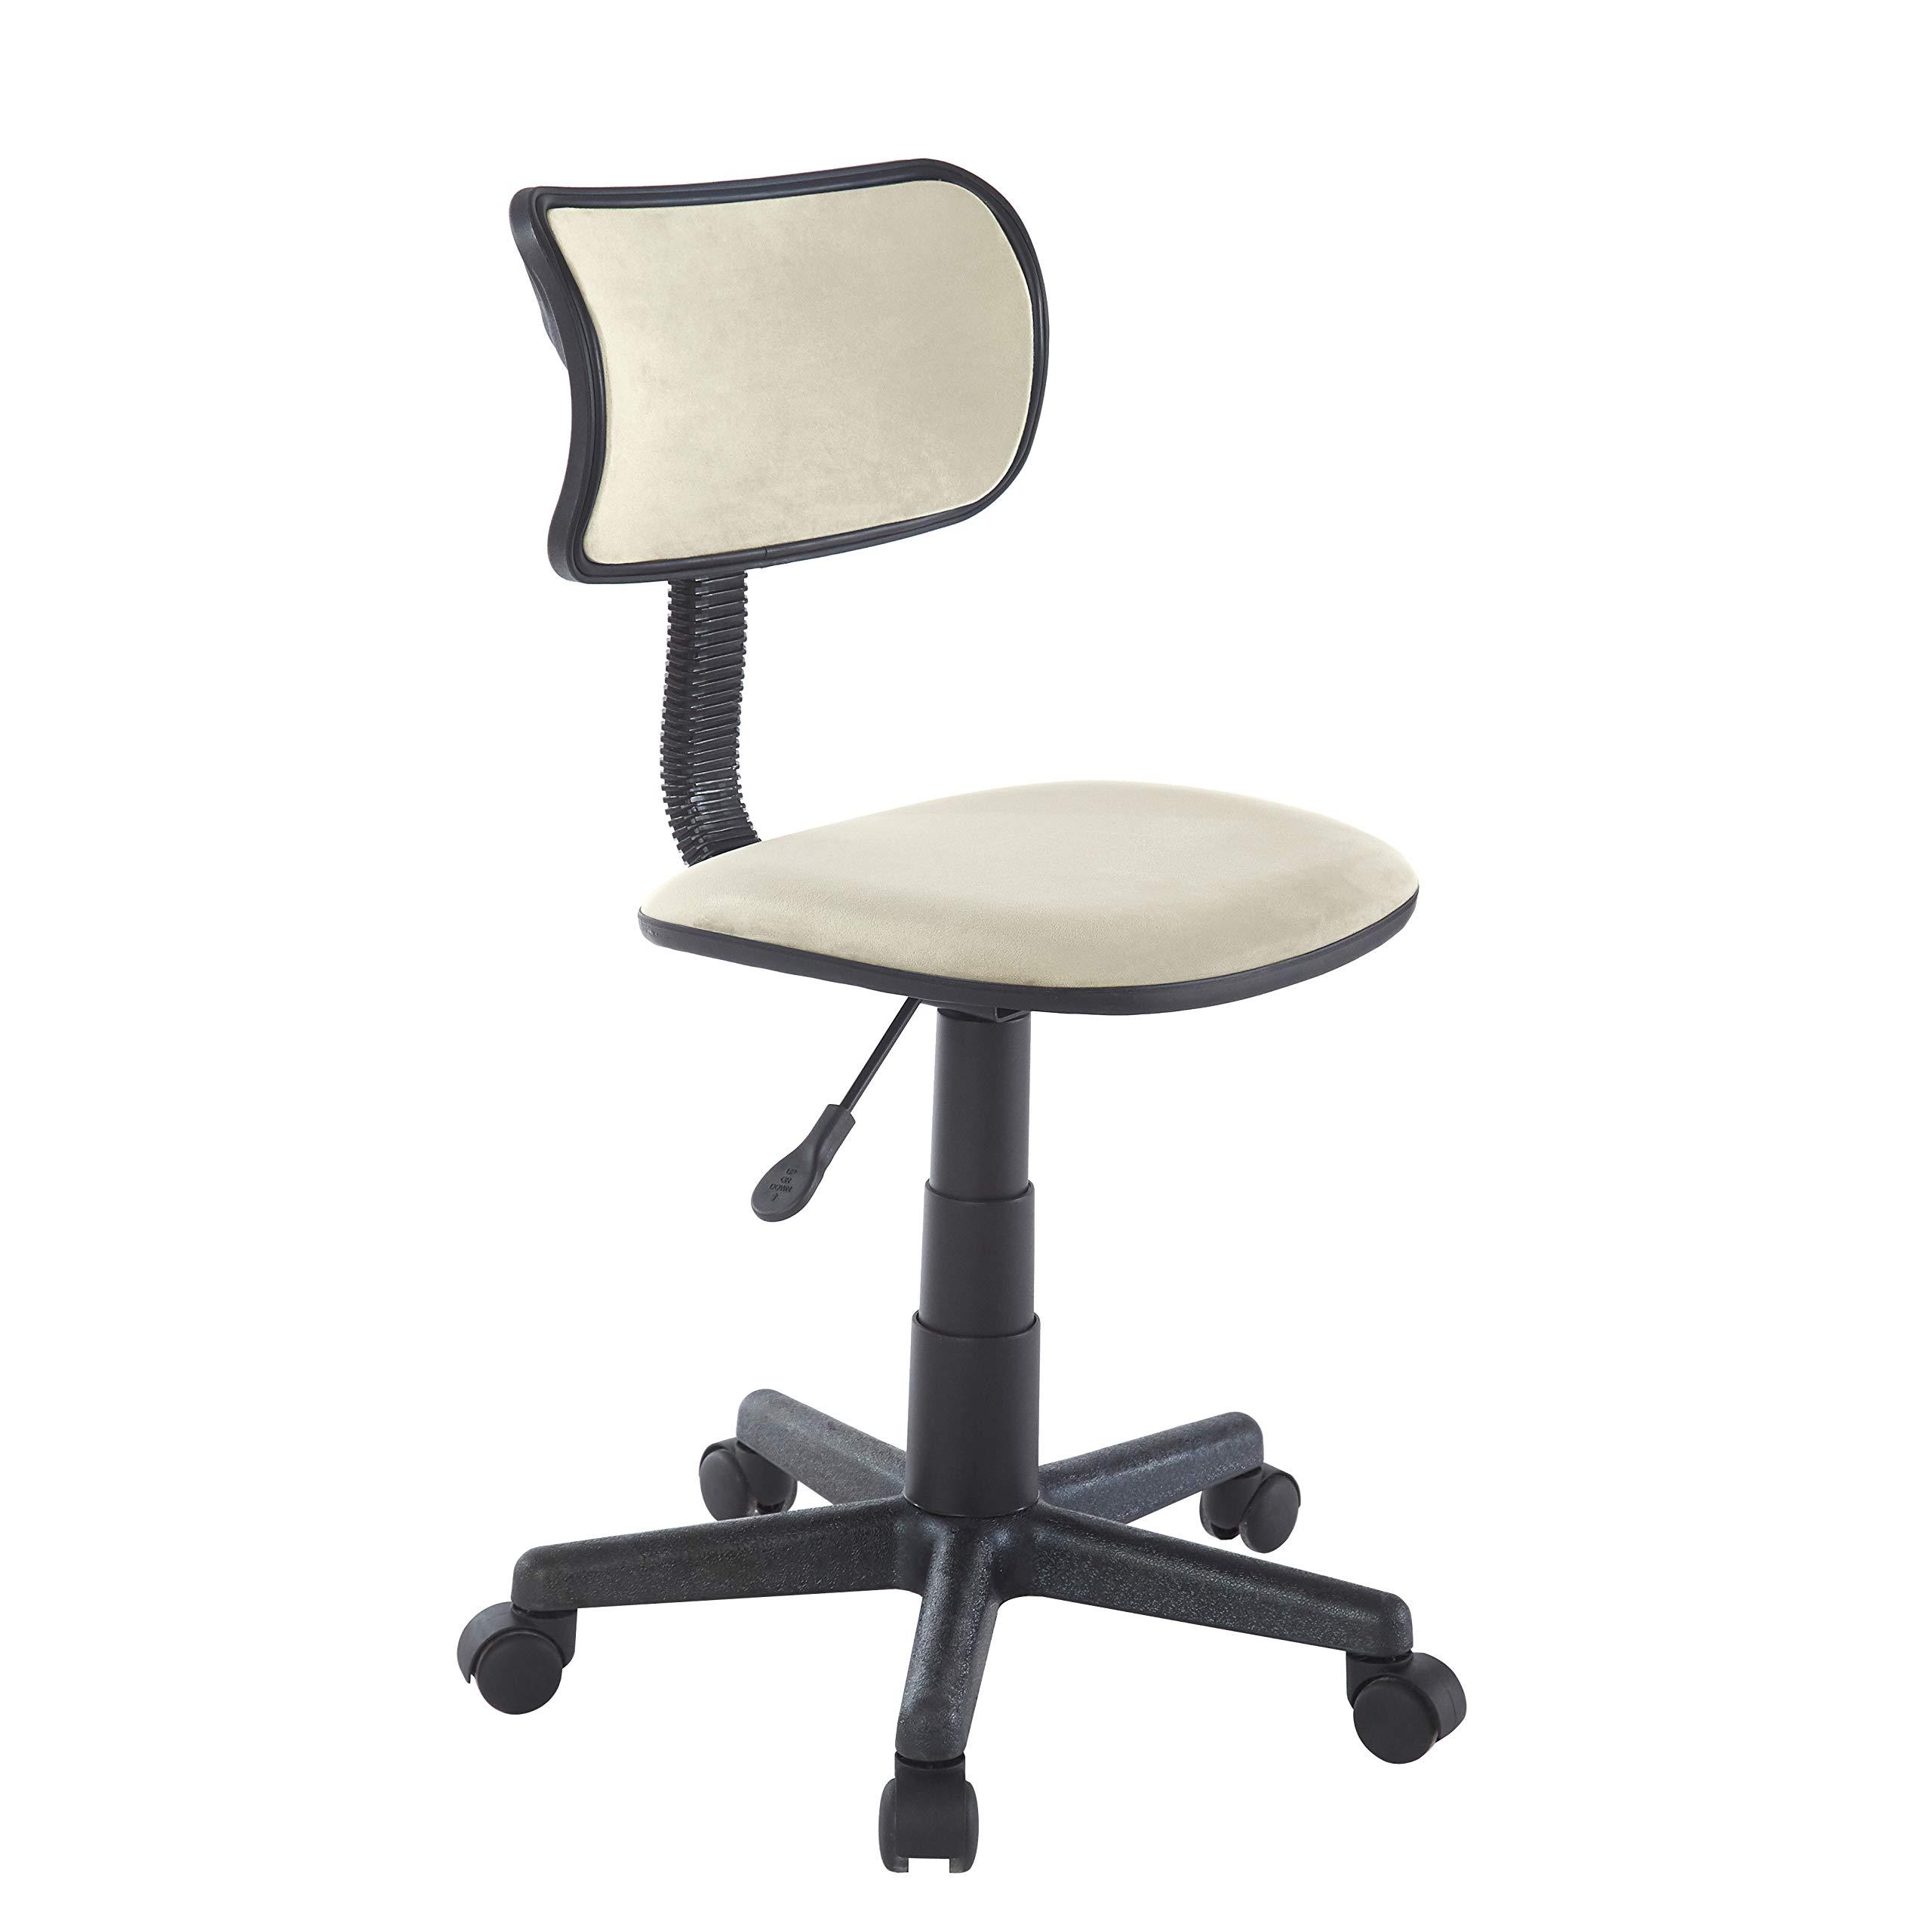 Urban Shop Crushed Velvet Swivel Task Chair, Ivory